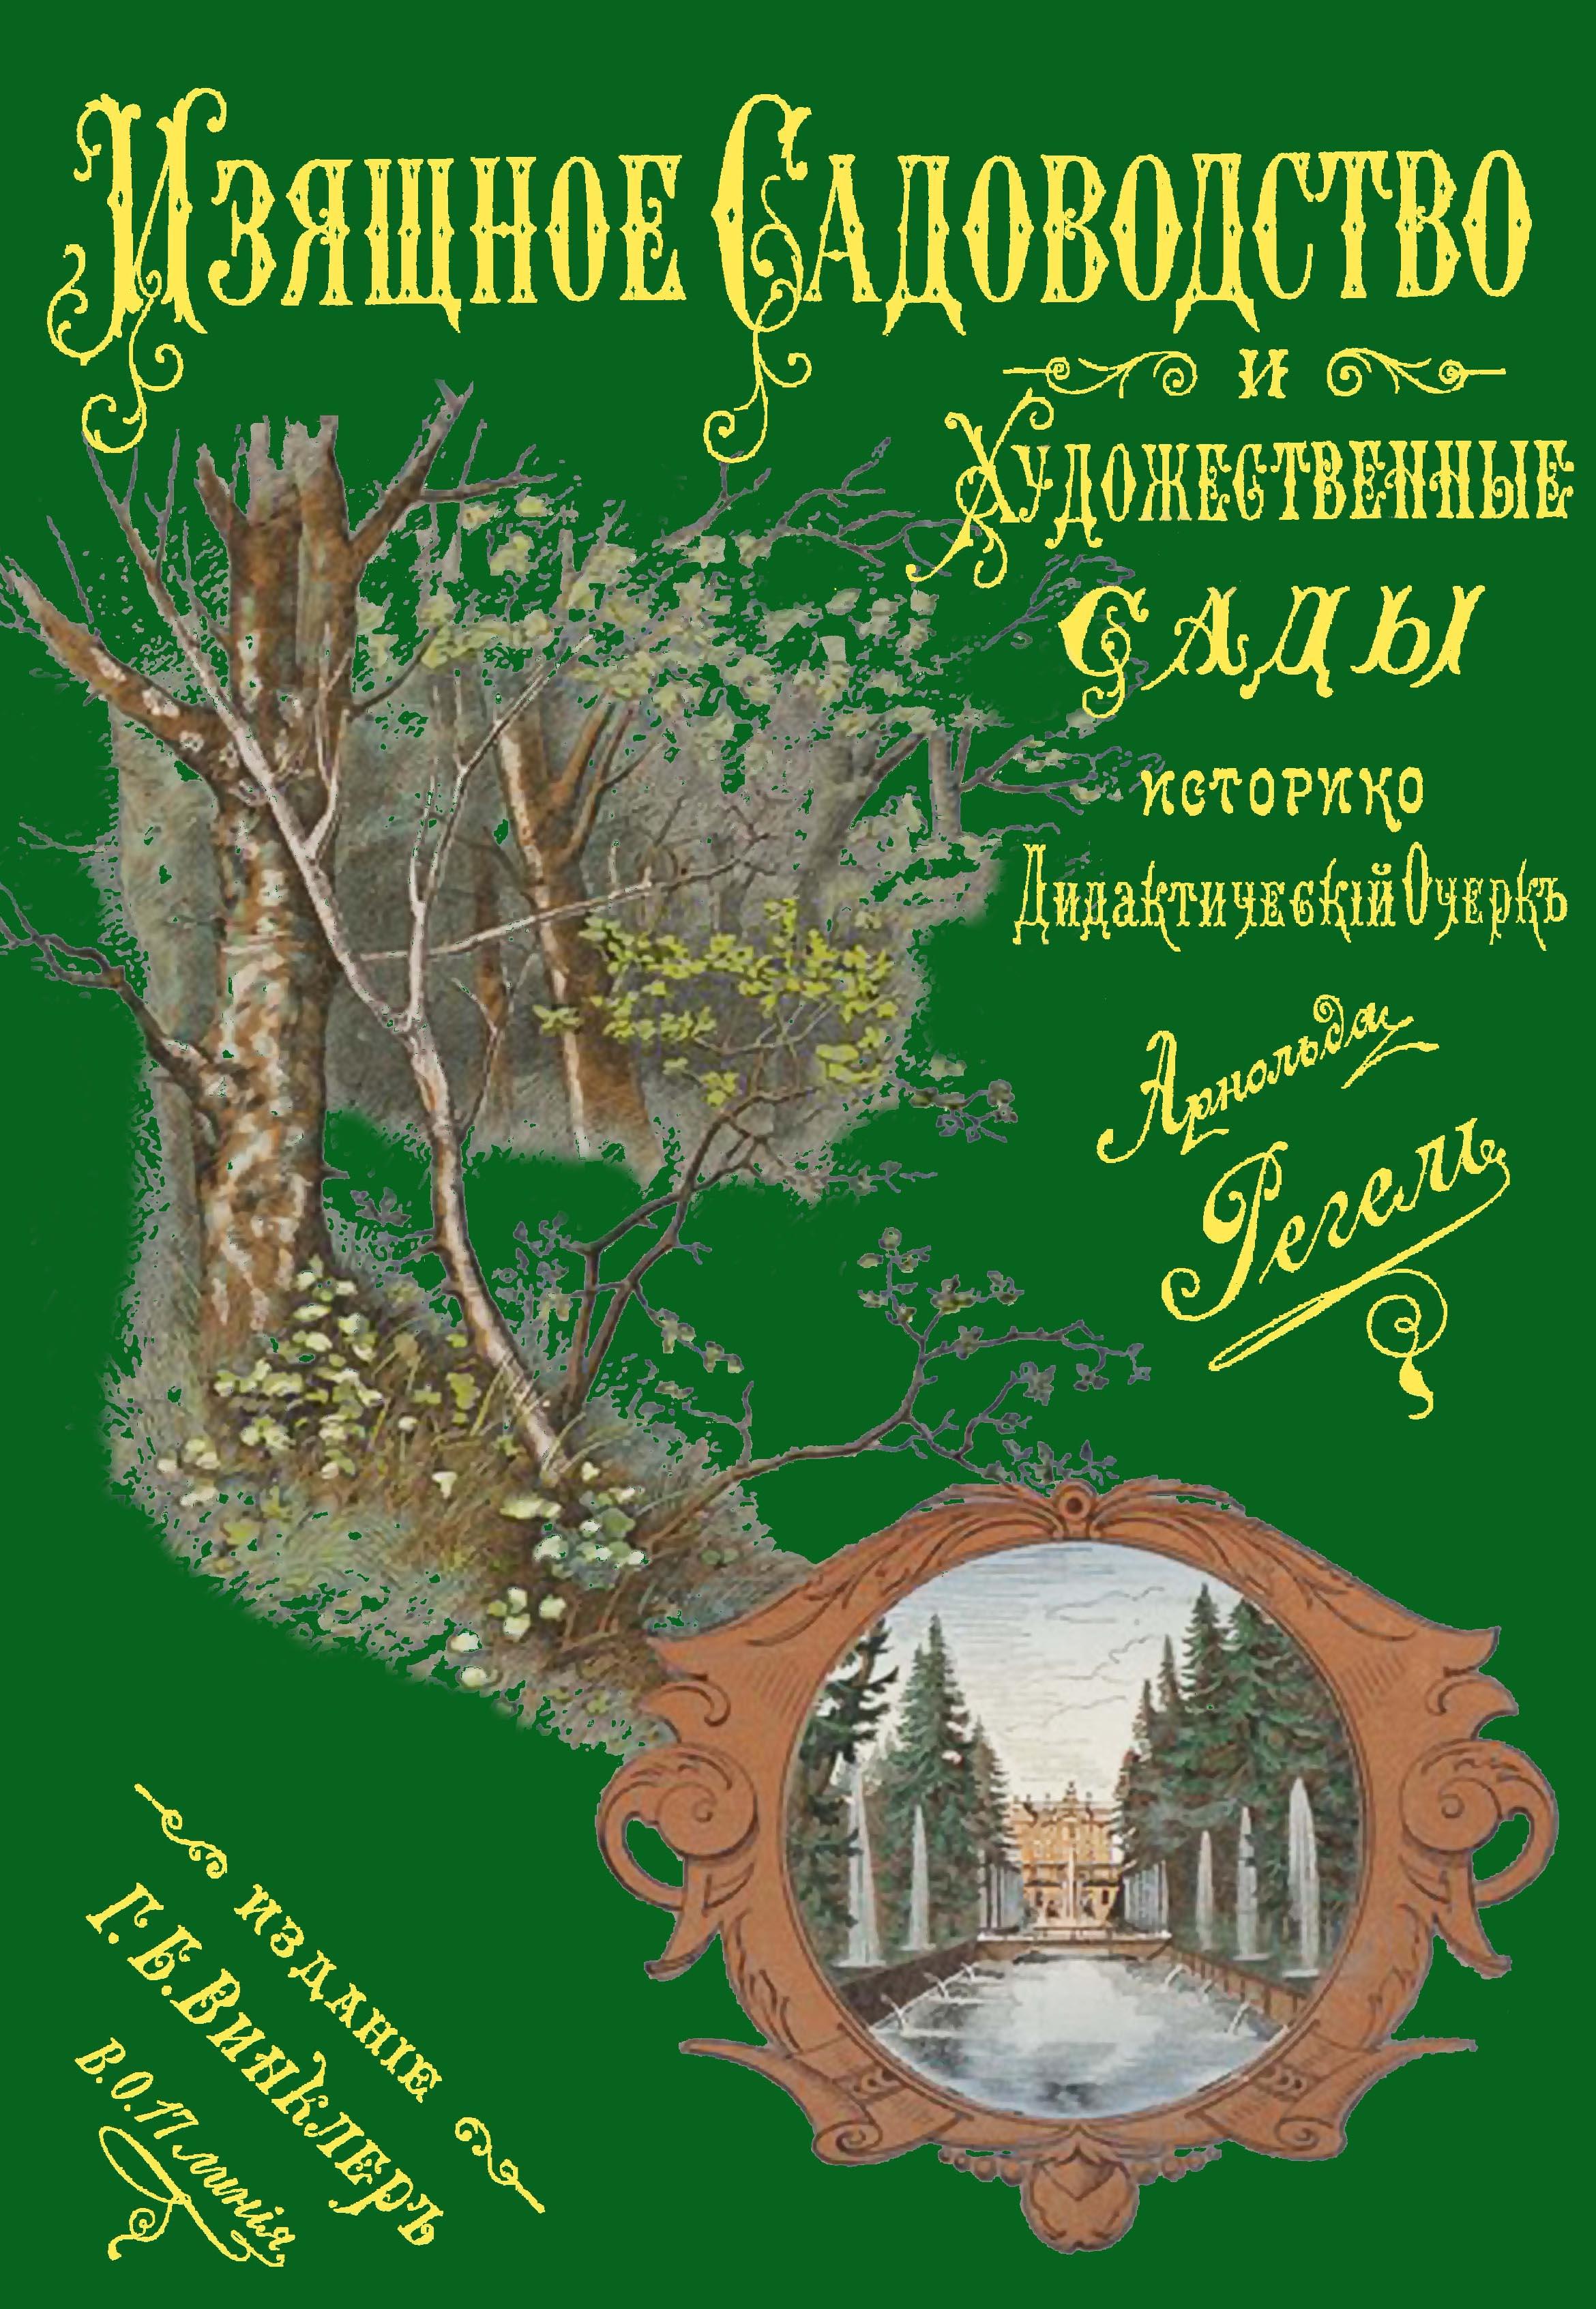 Э. Л. Регель Изящное садоводство и художественные сады